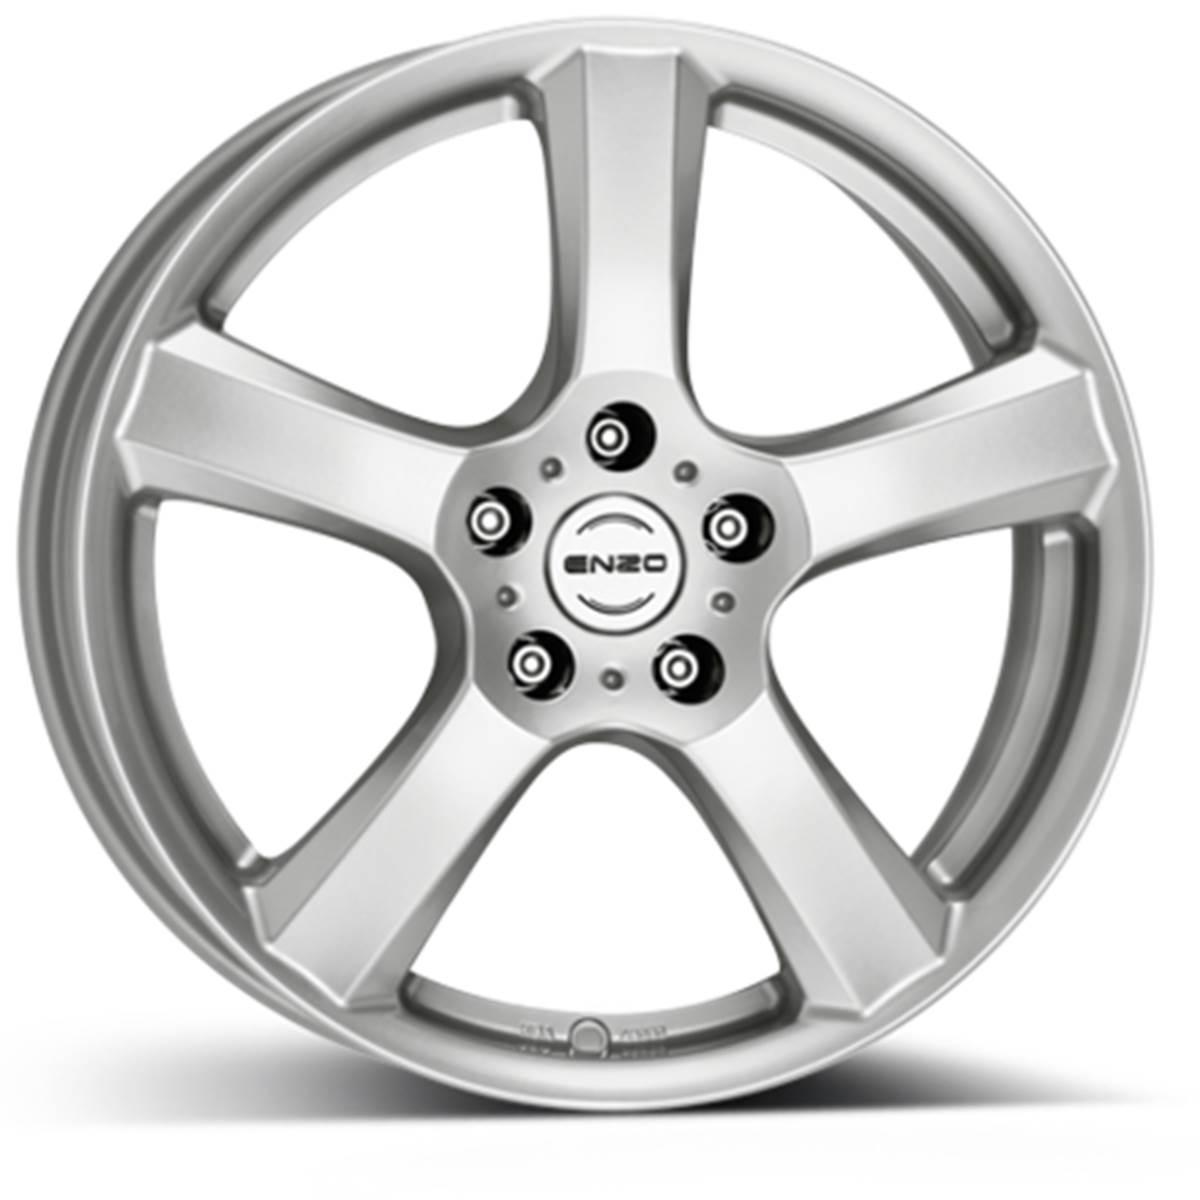 Jante ENZO B Silver 6,5x16 5x114,3ET40